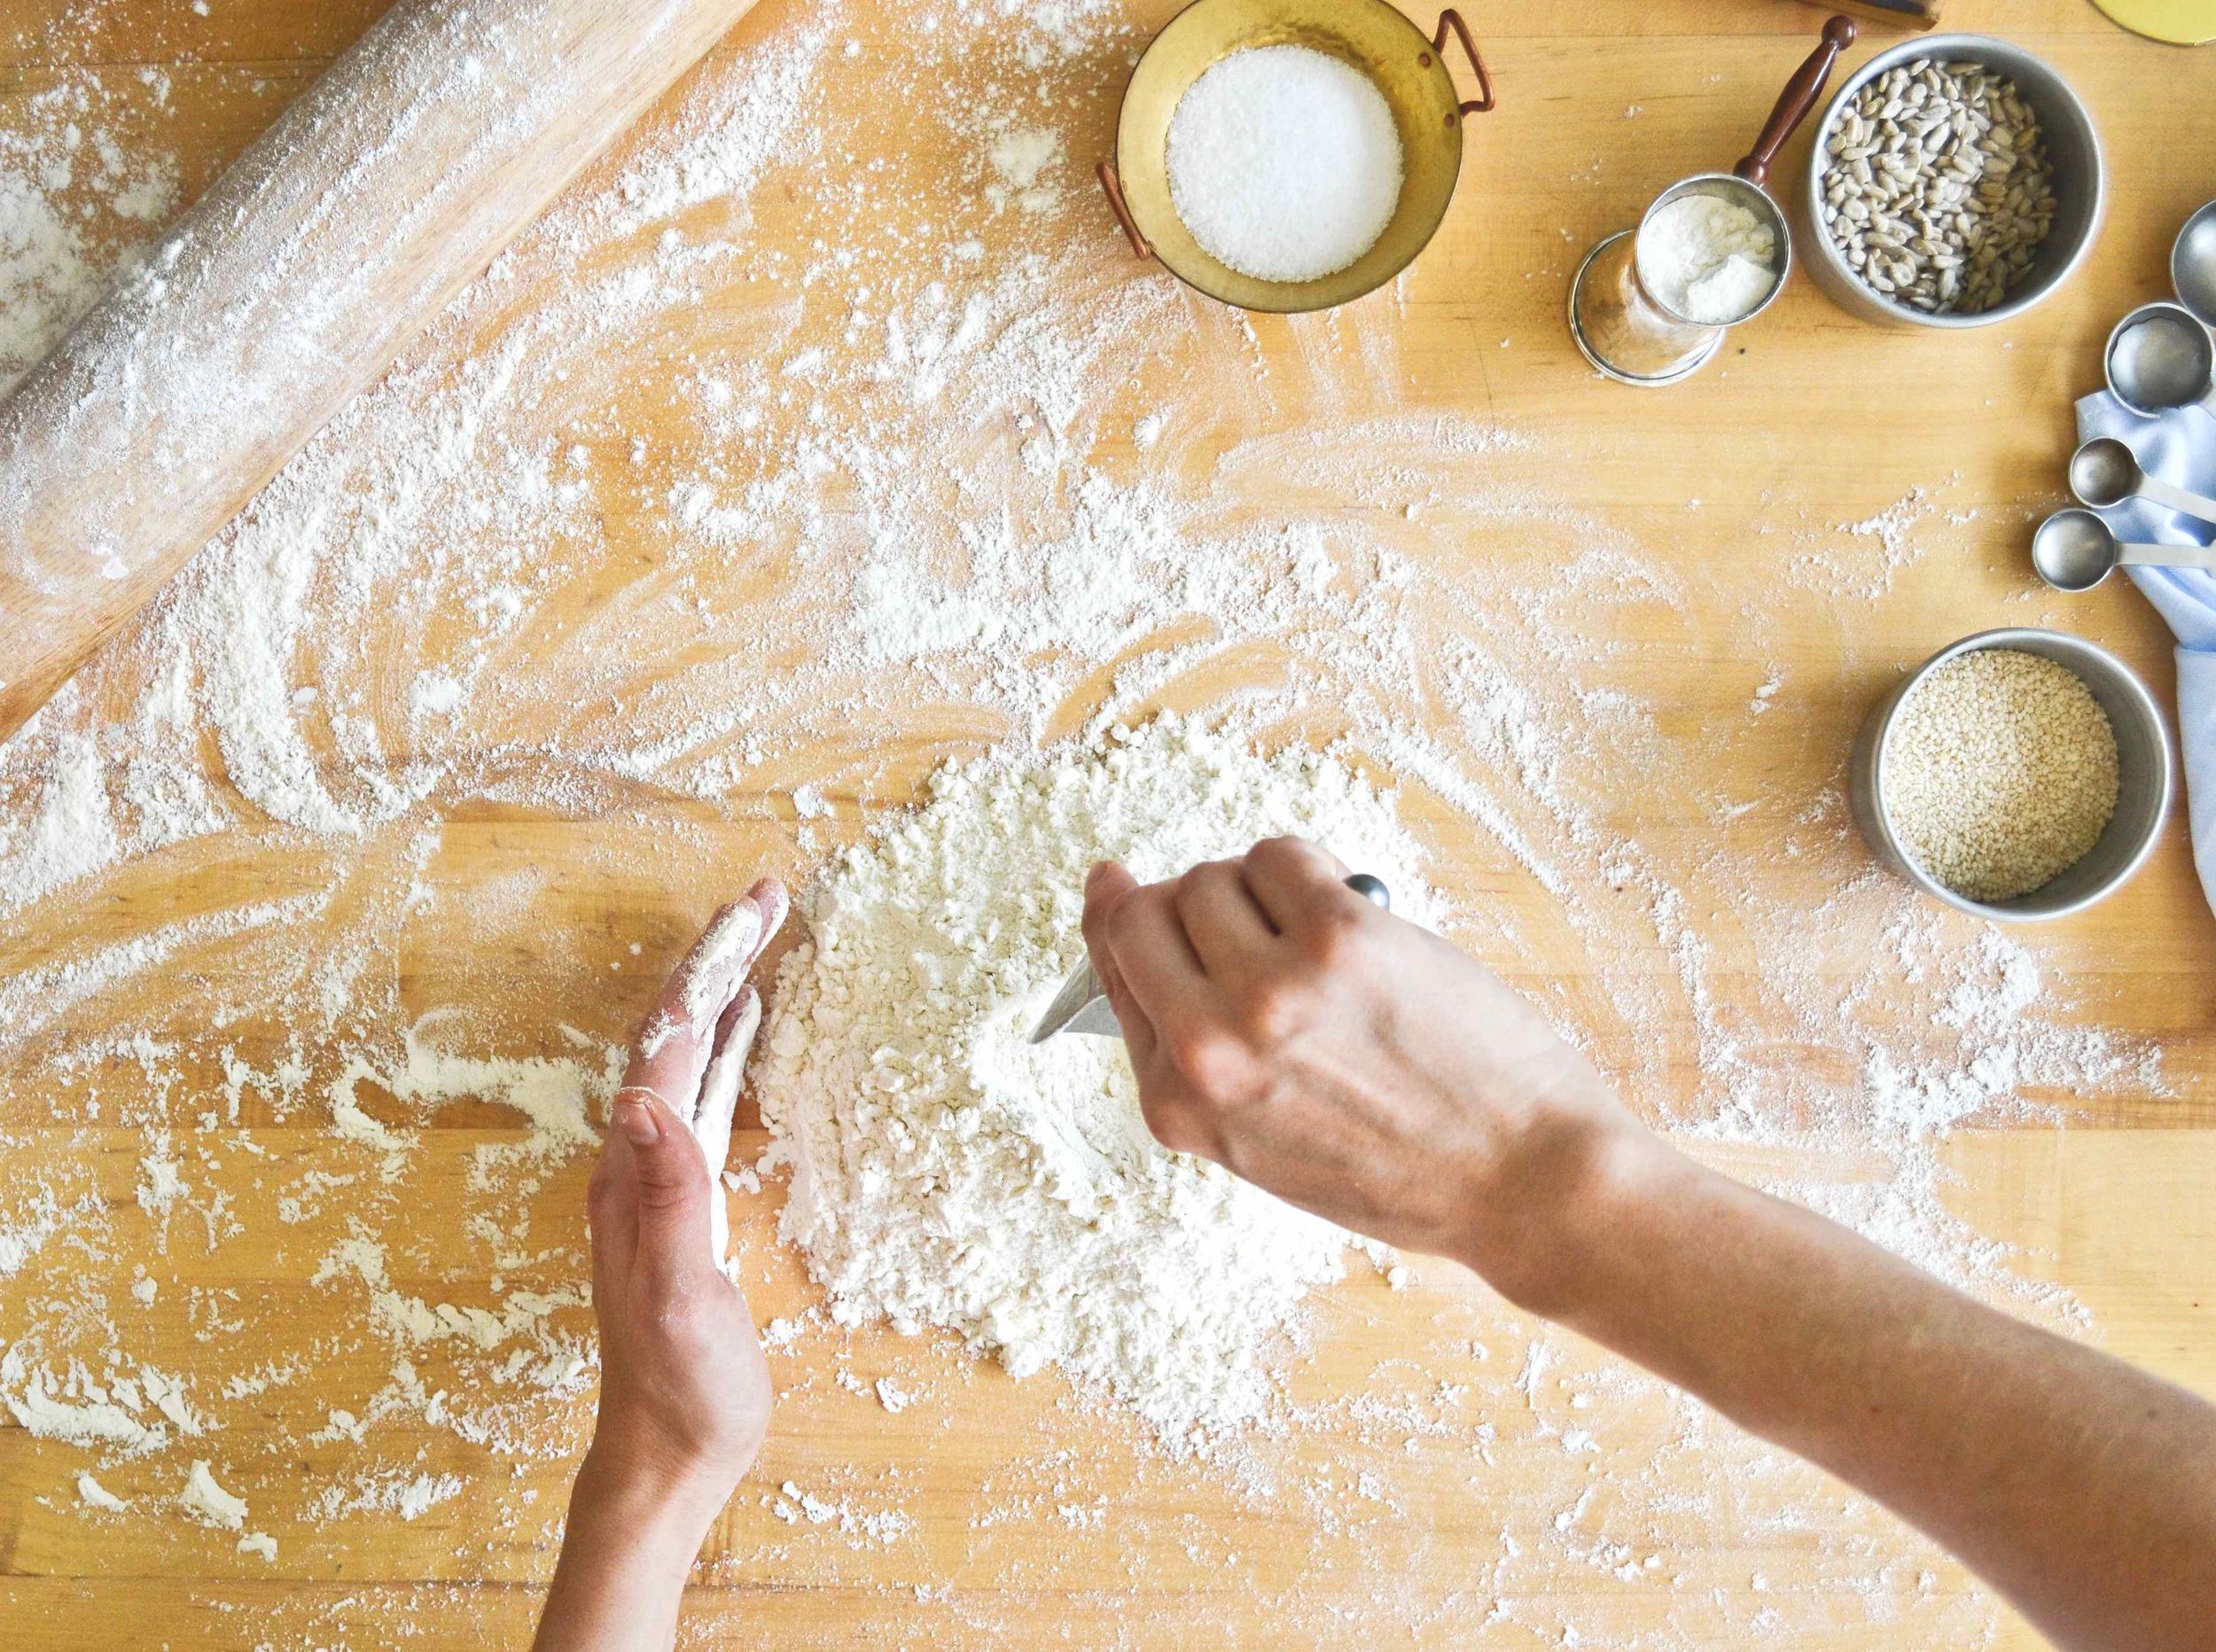 cocina_amasado-1-7 copy.jpg